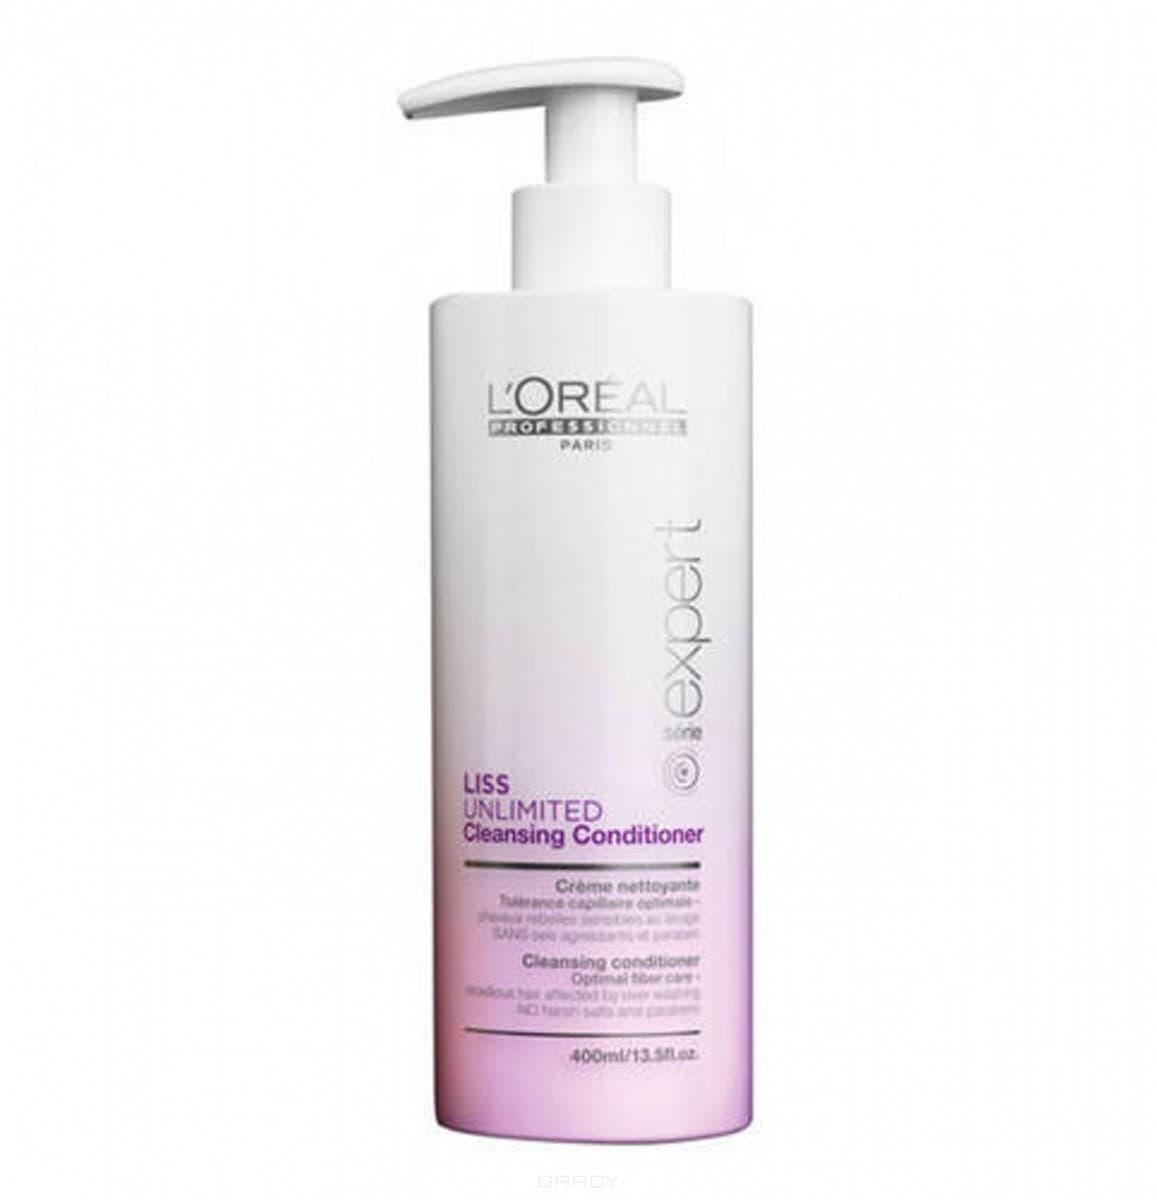 L'Oreal Professionnel, Очищающий кондиционер для чувствительных непослушных волос Liss Unlimited Conditioner, 400 мл цена